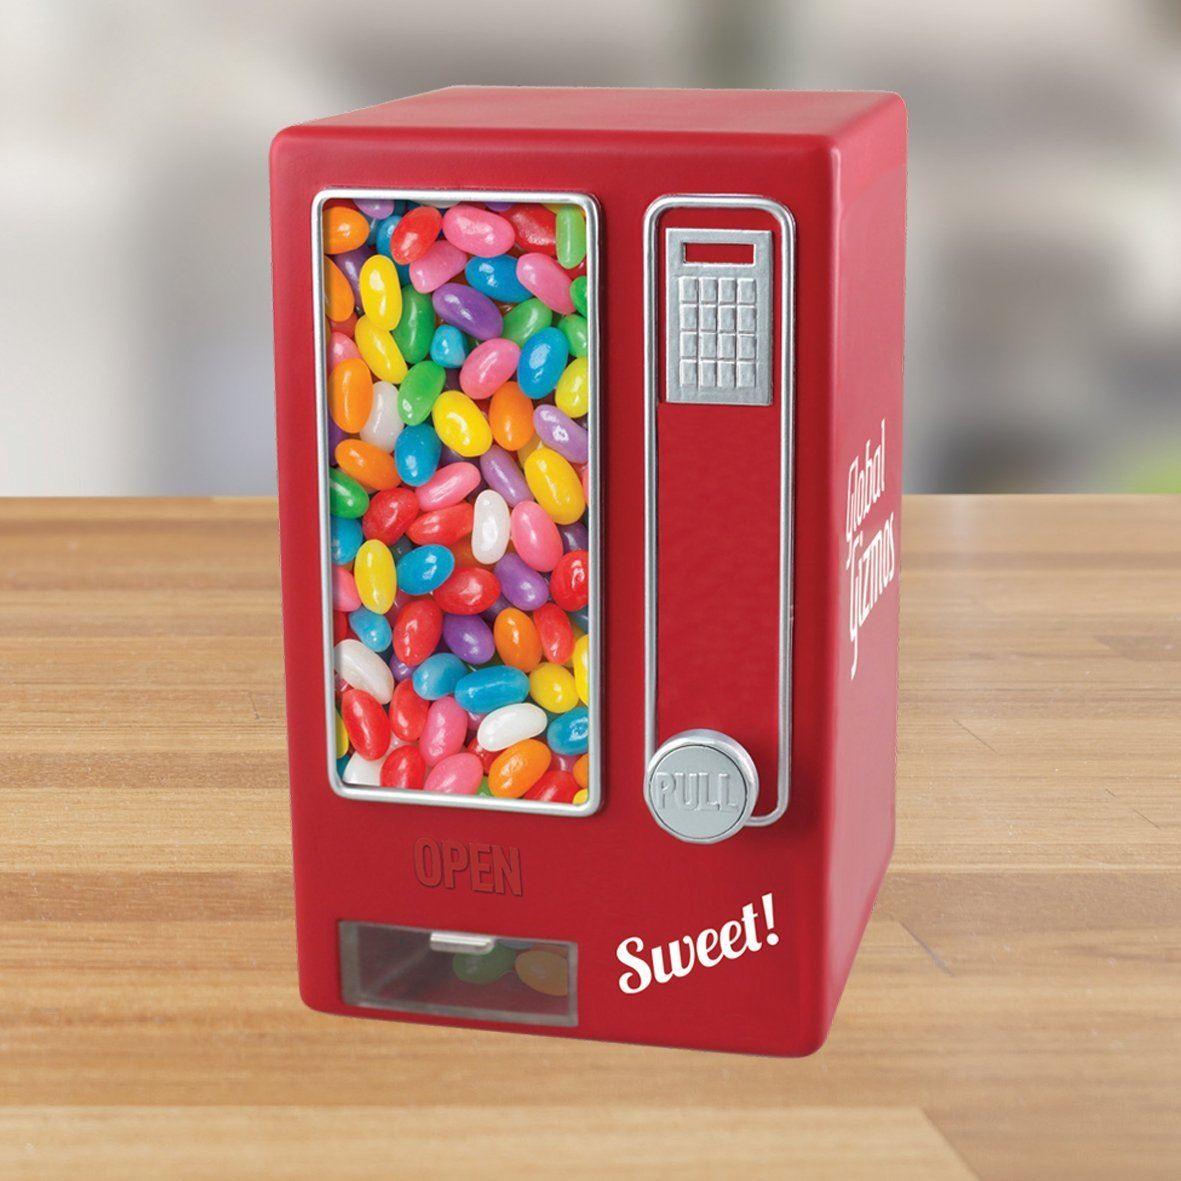 Dettagli su Global Gizmos retrò stile Dolce Mini Distributore Caramelle Dispenser, Rosso mostra il titolo originale